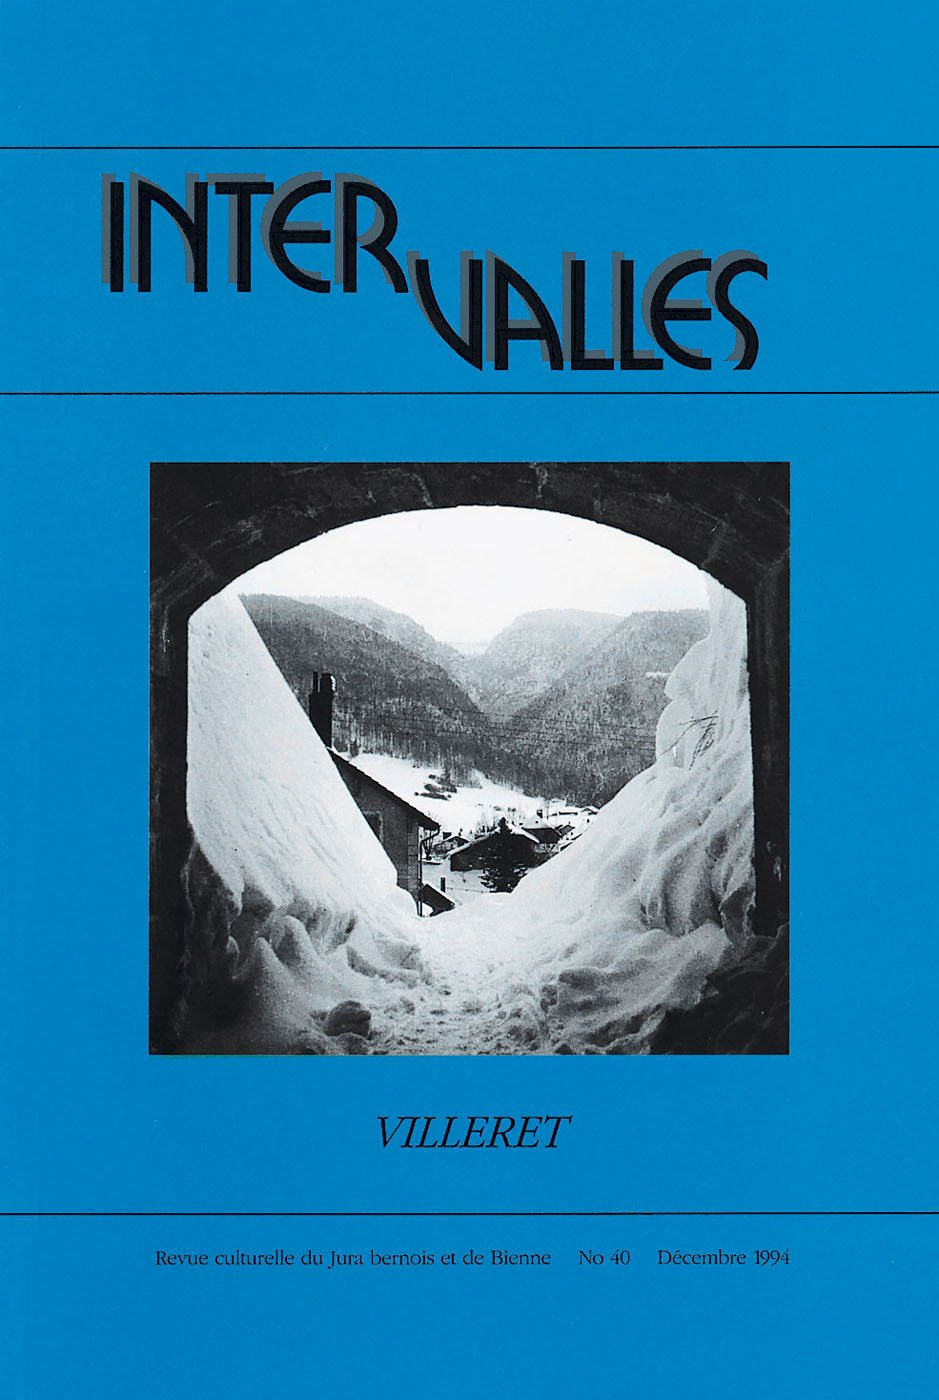 No 40 – Villeret